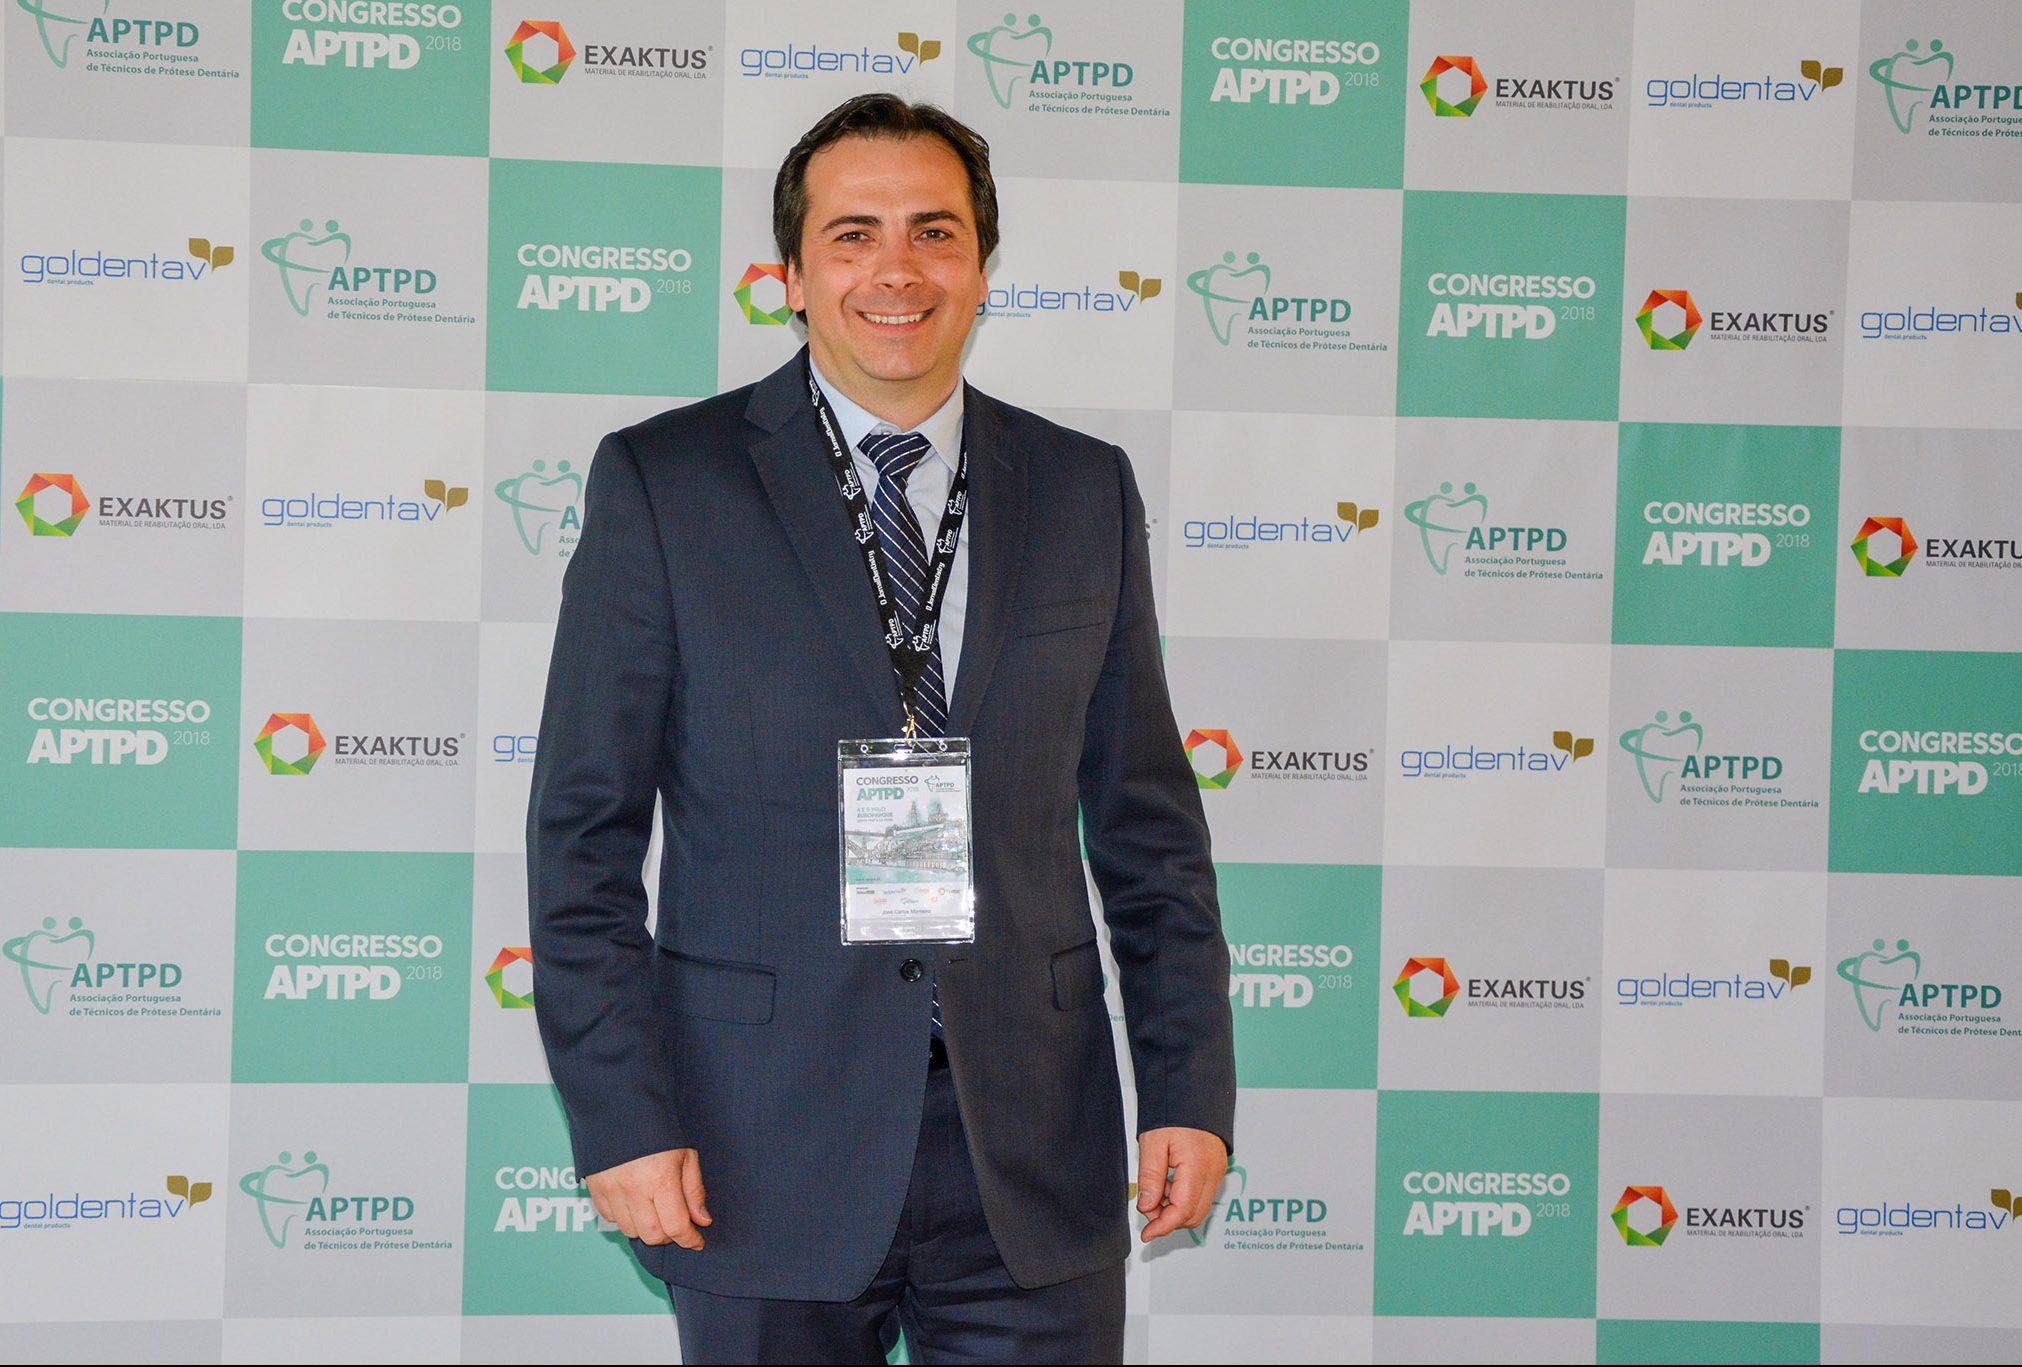 Imagem da notícia: Congresso APTPD 2018 superou edições anteriores